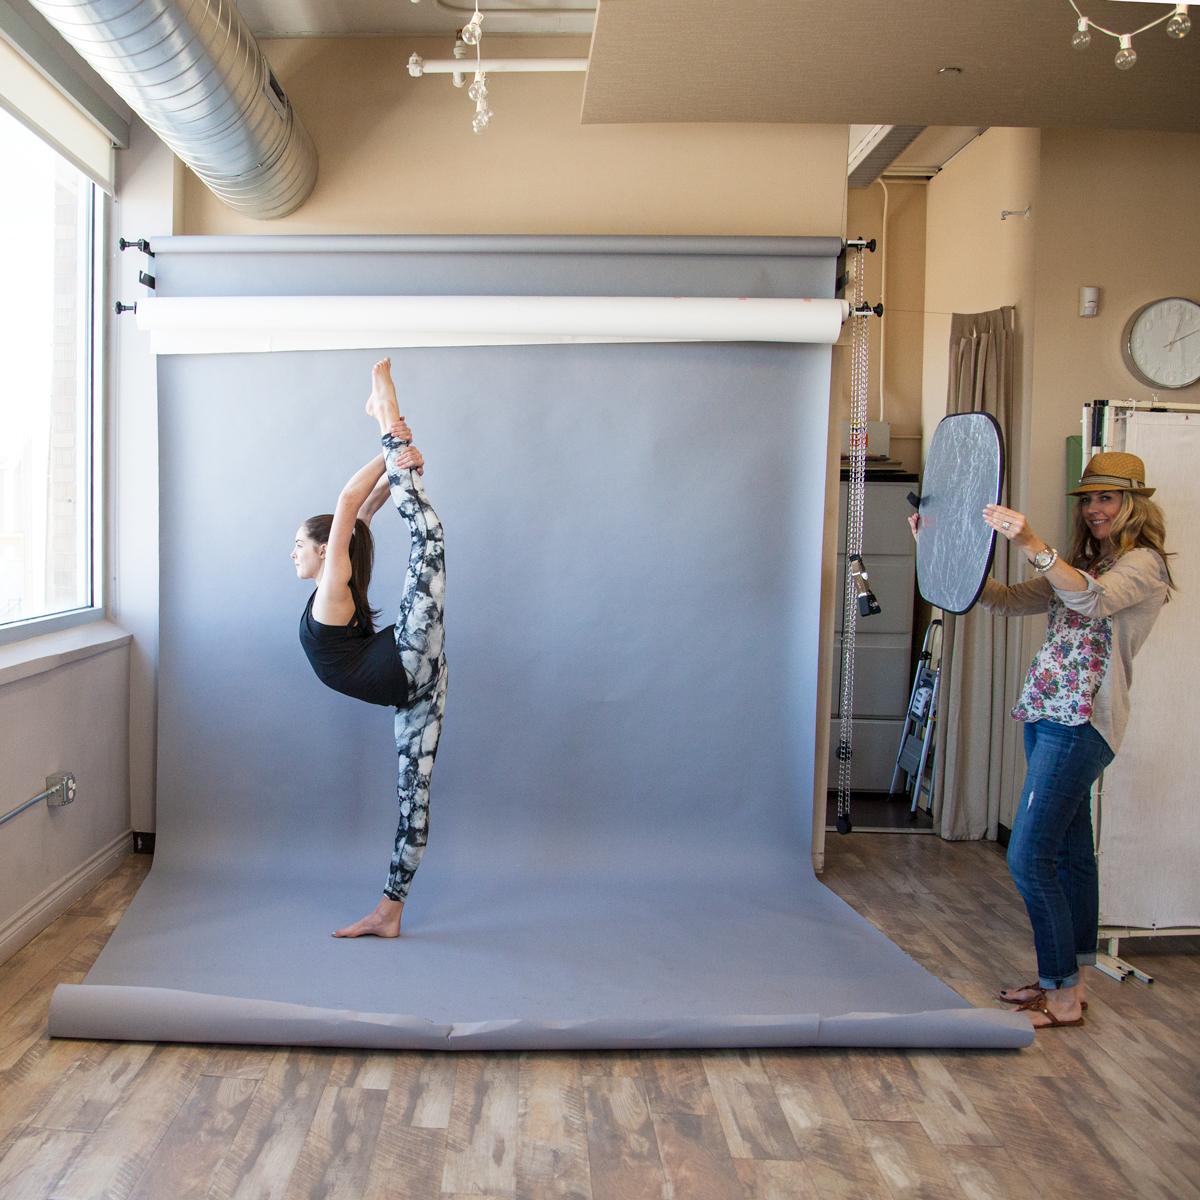 Denver Nn: Modeling Photos For Denver Teen Models And Denver Cheer